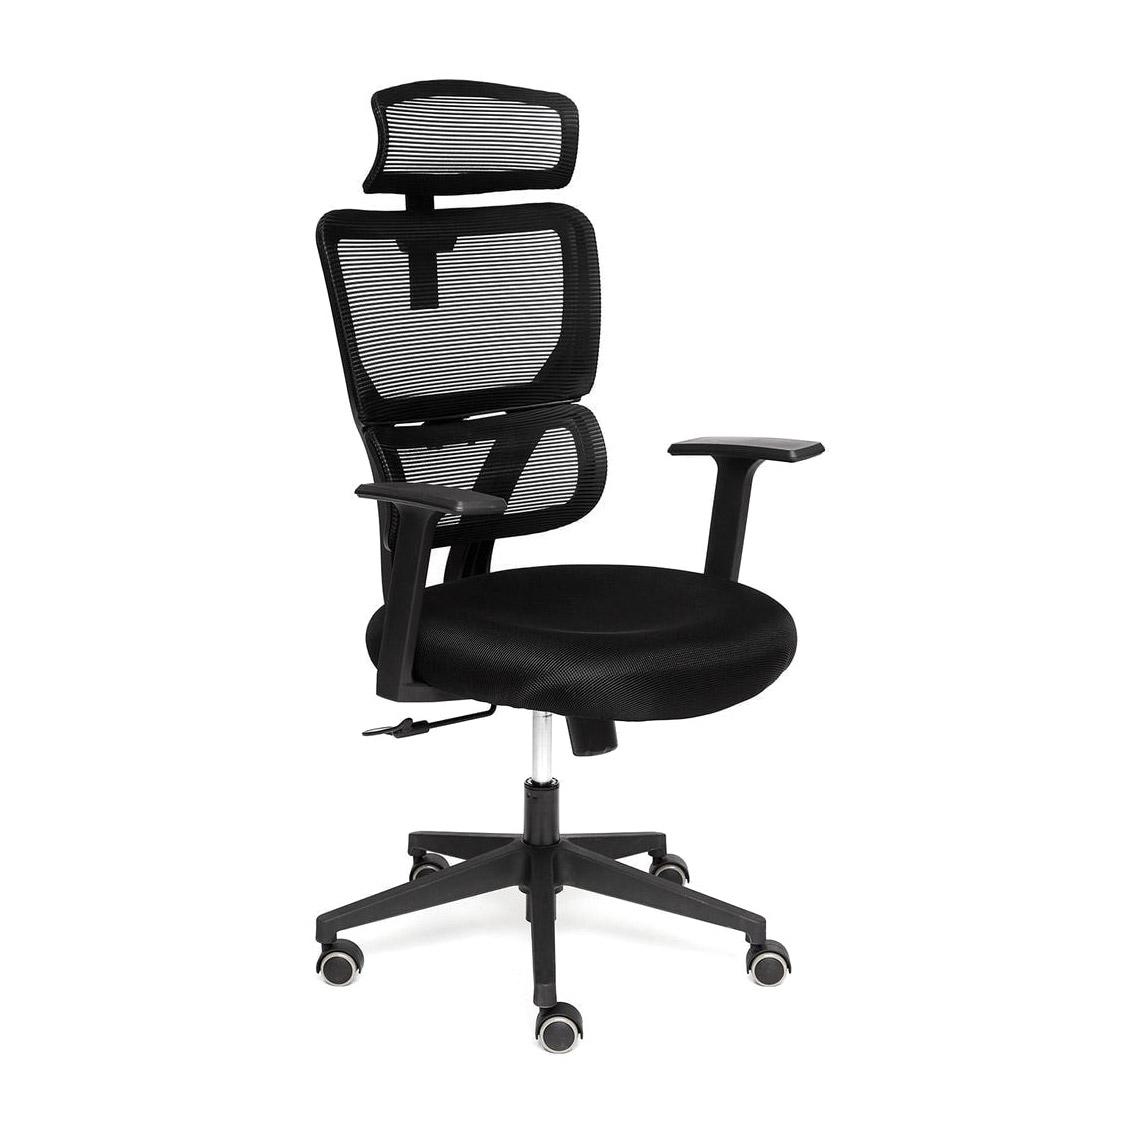 Кресло компьютерное TC черное 105х64х50 см кресло компьютерное tc черное 95 5х59х57 см